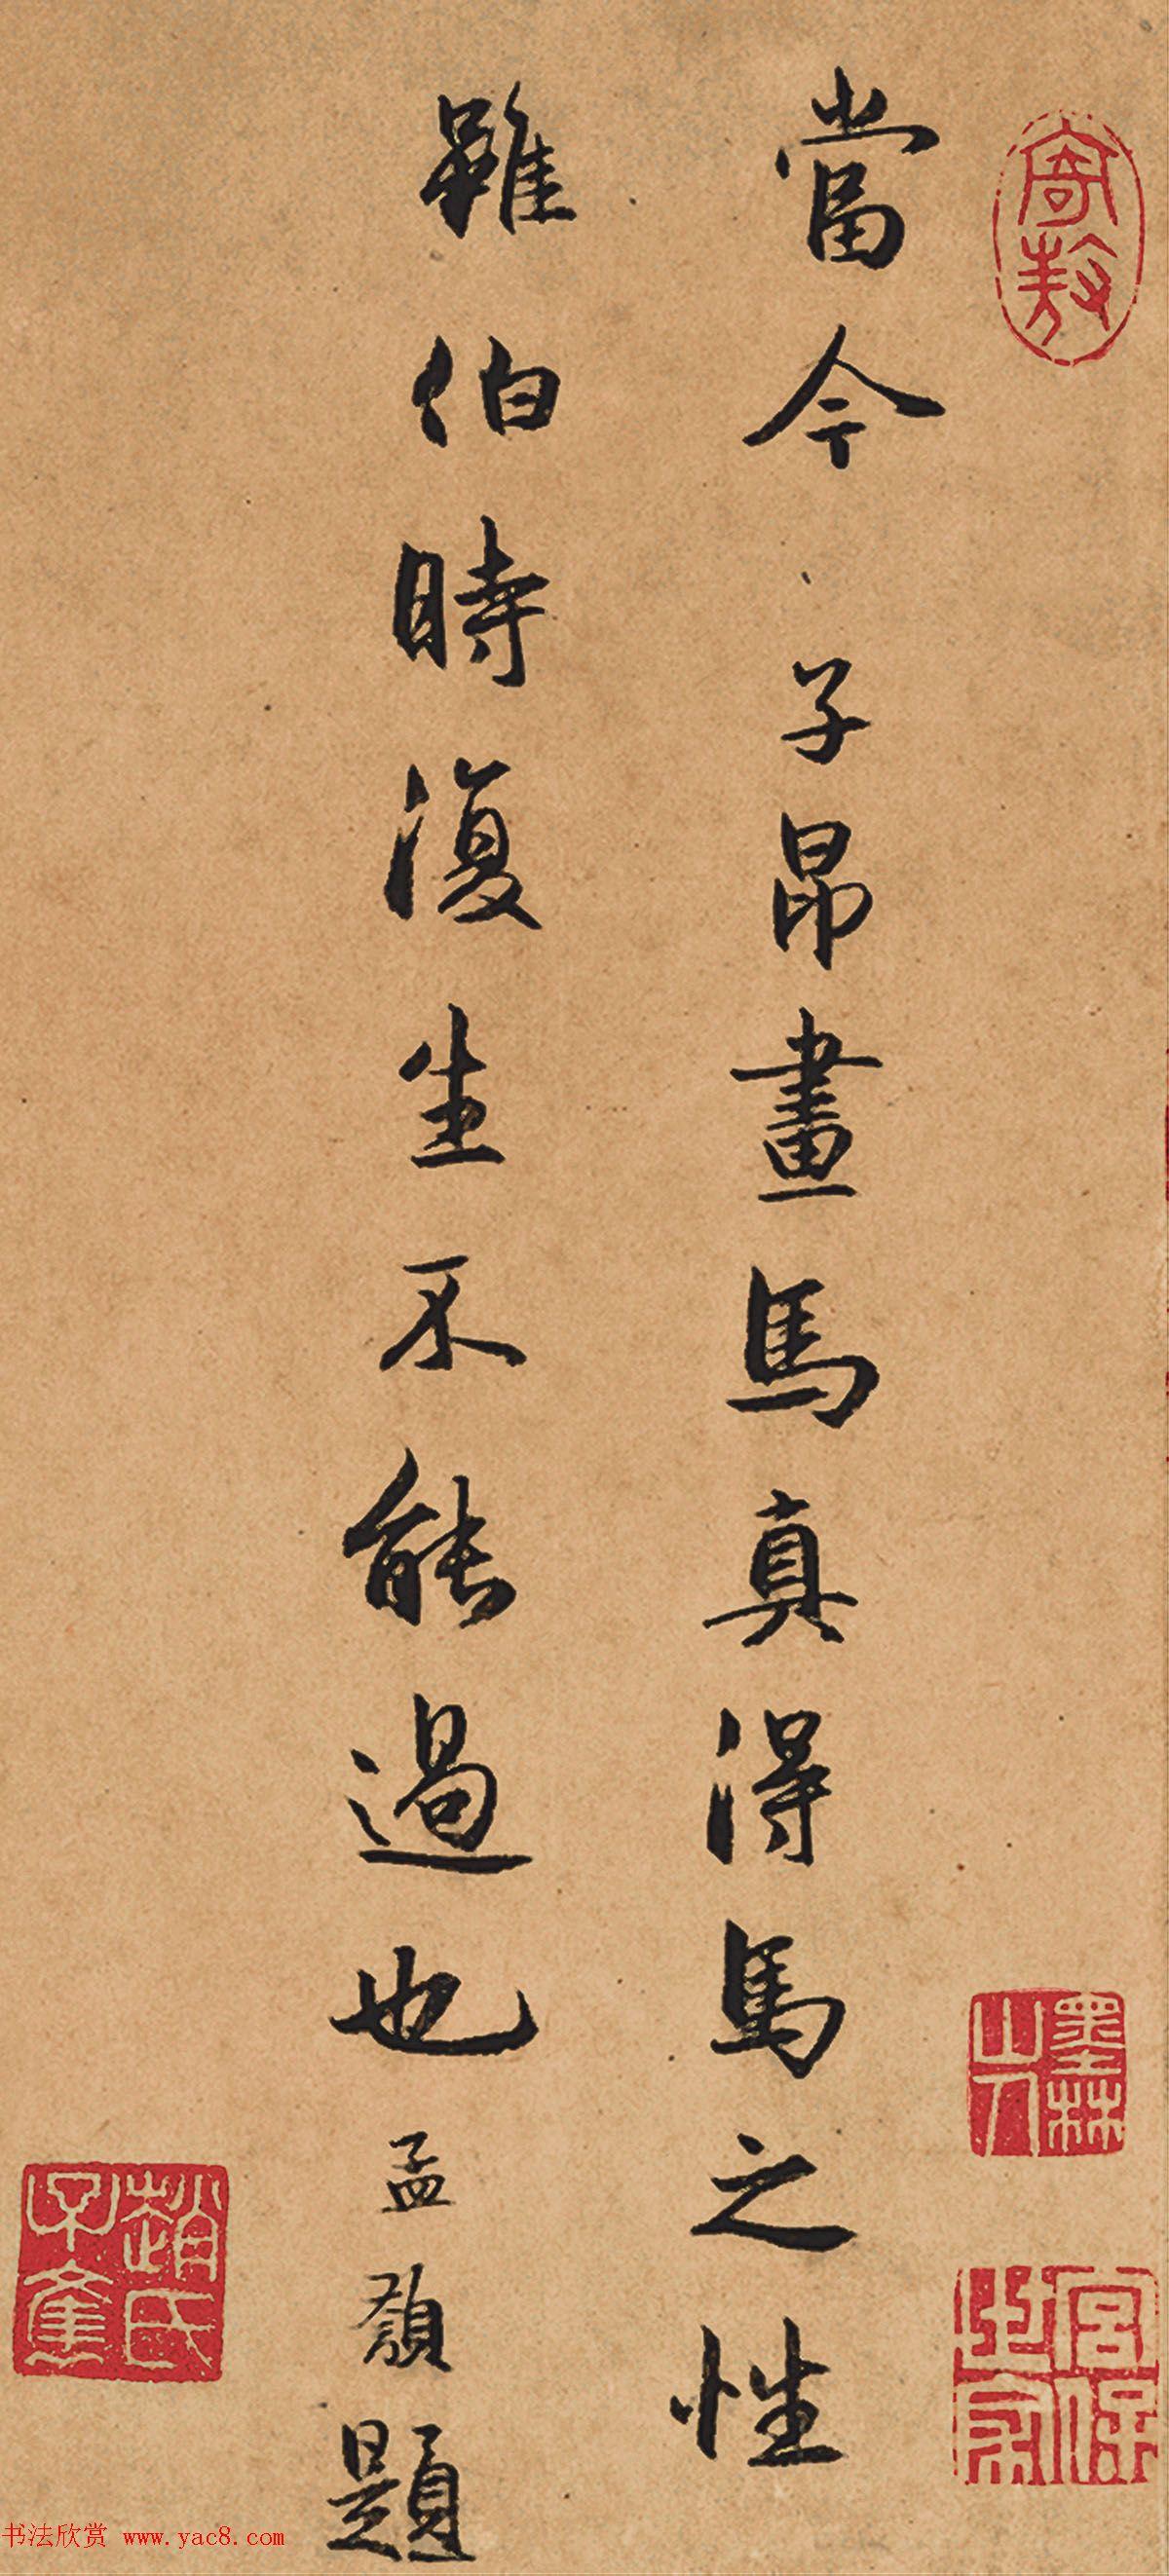 赵孟頫之弟赵孟籲书法墨迹欣赏